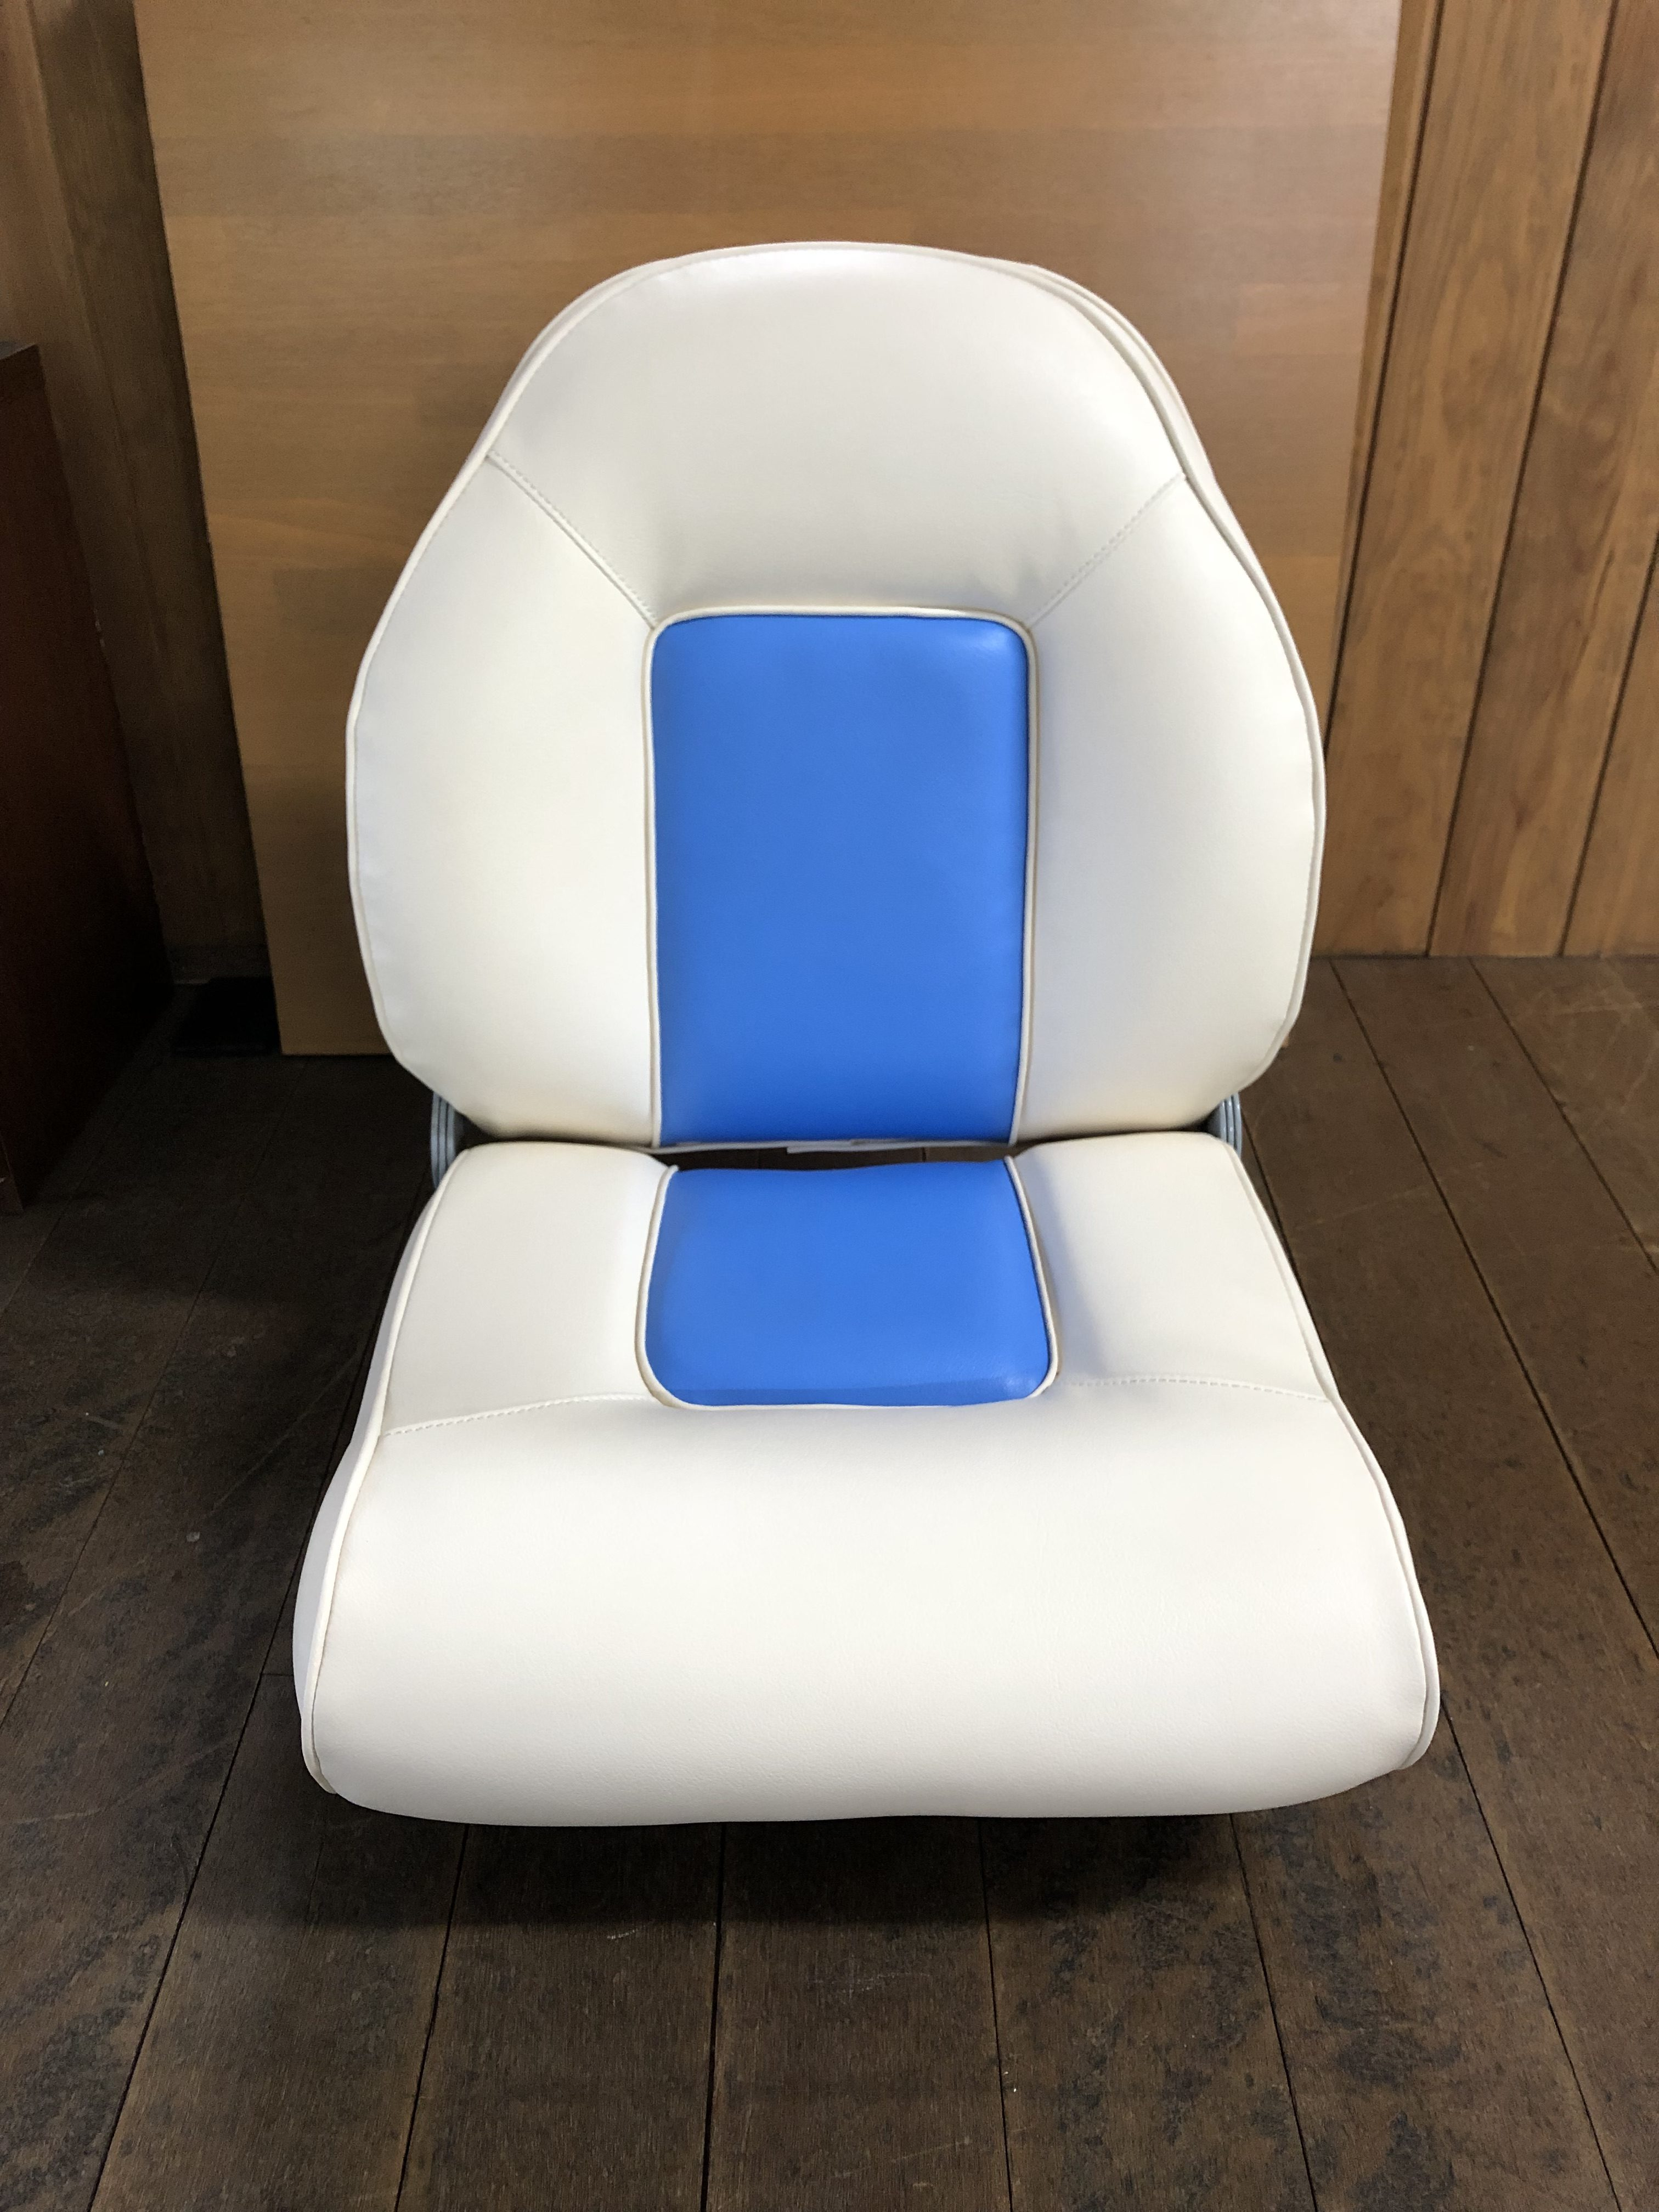 大分県津久見市 船(プレジャーボート)の椅子を張替えをいたしました。